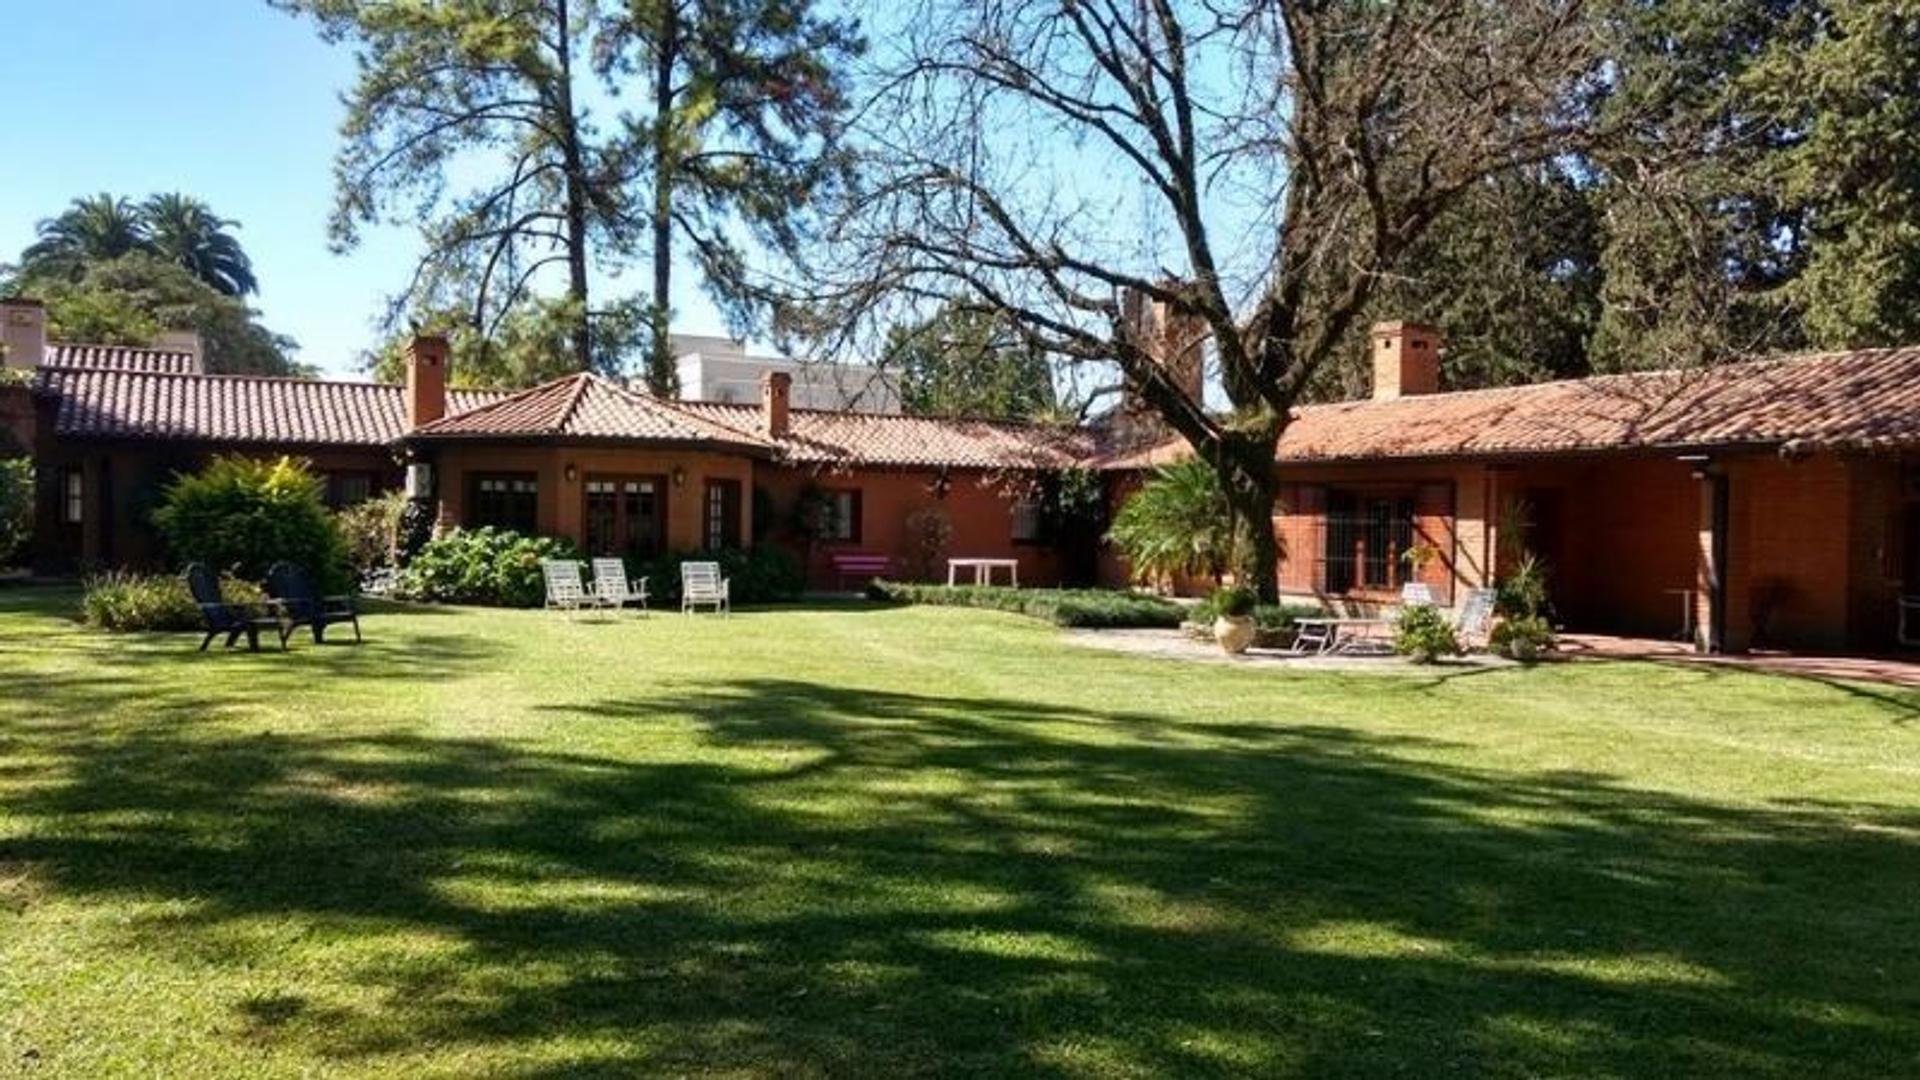 Venta Excelente Casa en Yerba Buena - Salas y Valdez al 800